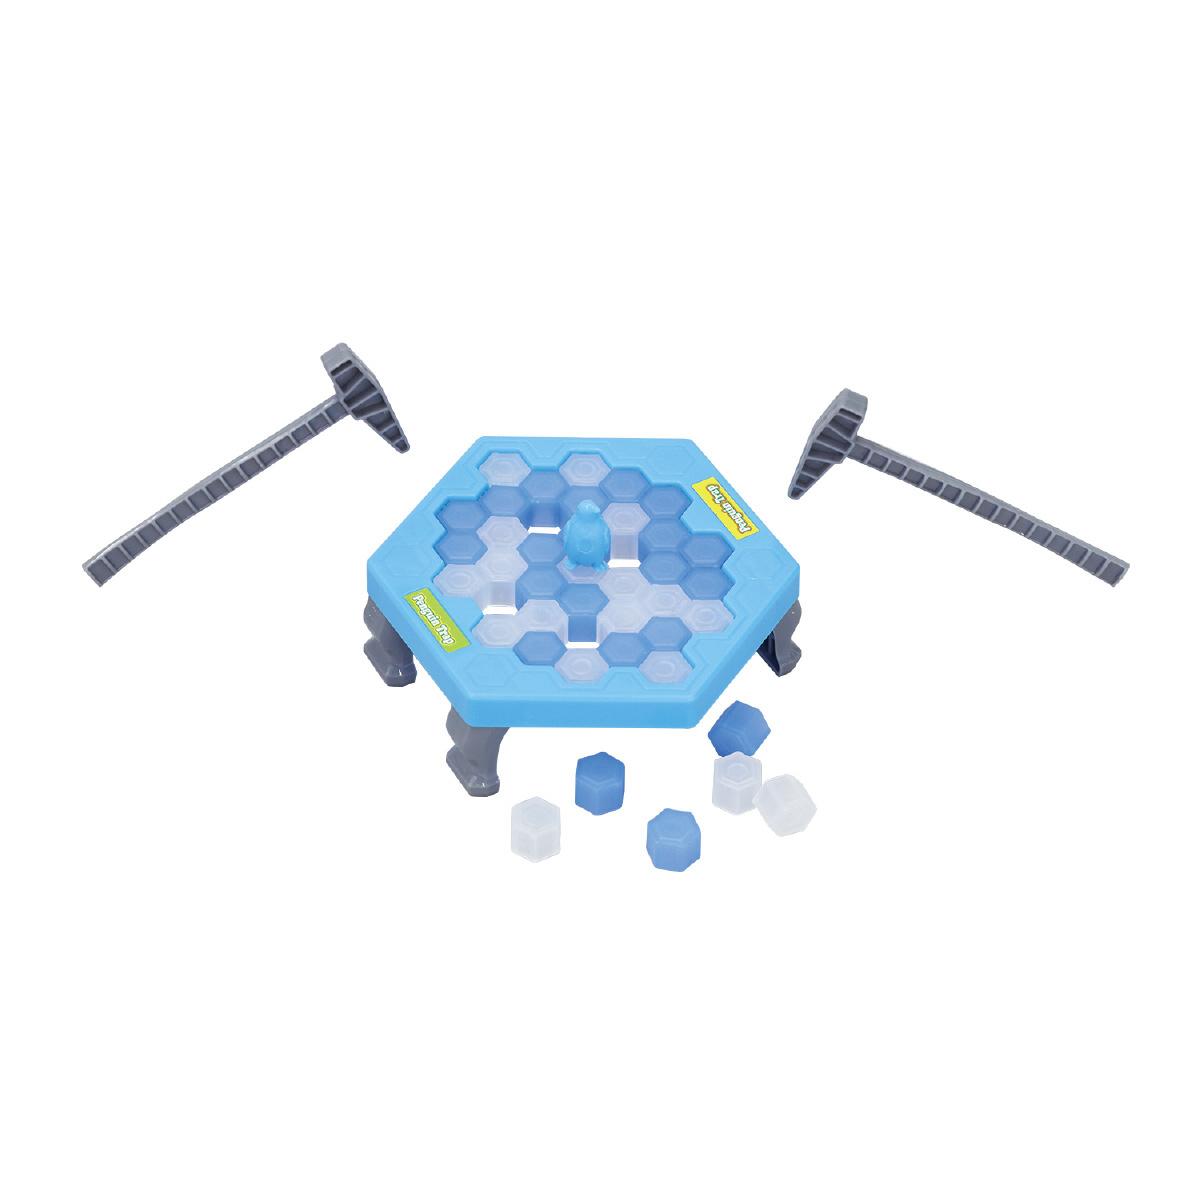 どきどきアイスクラッシュゲーム おもちゃ 知育玩具 ゲーム キッズ 子供 幼児 クリスマスプレゼント